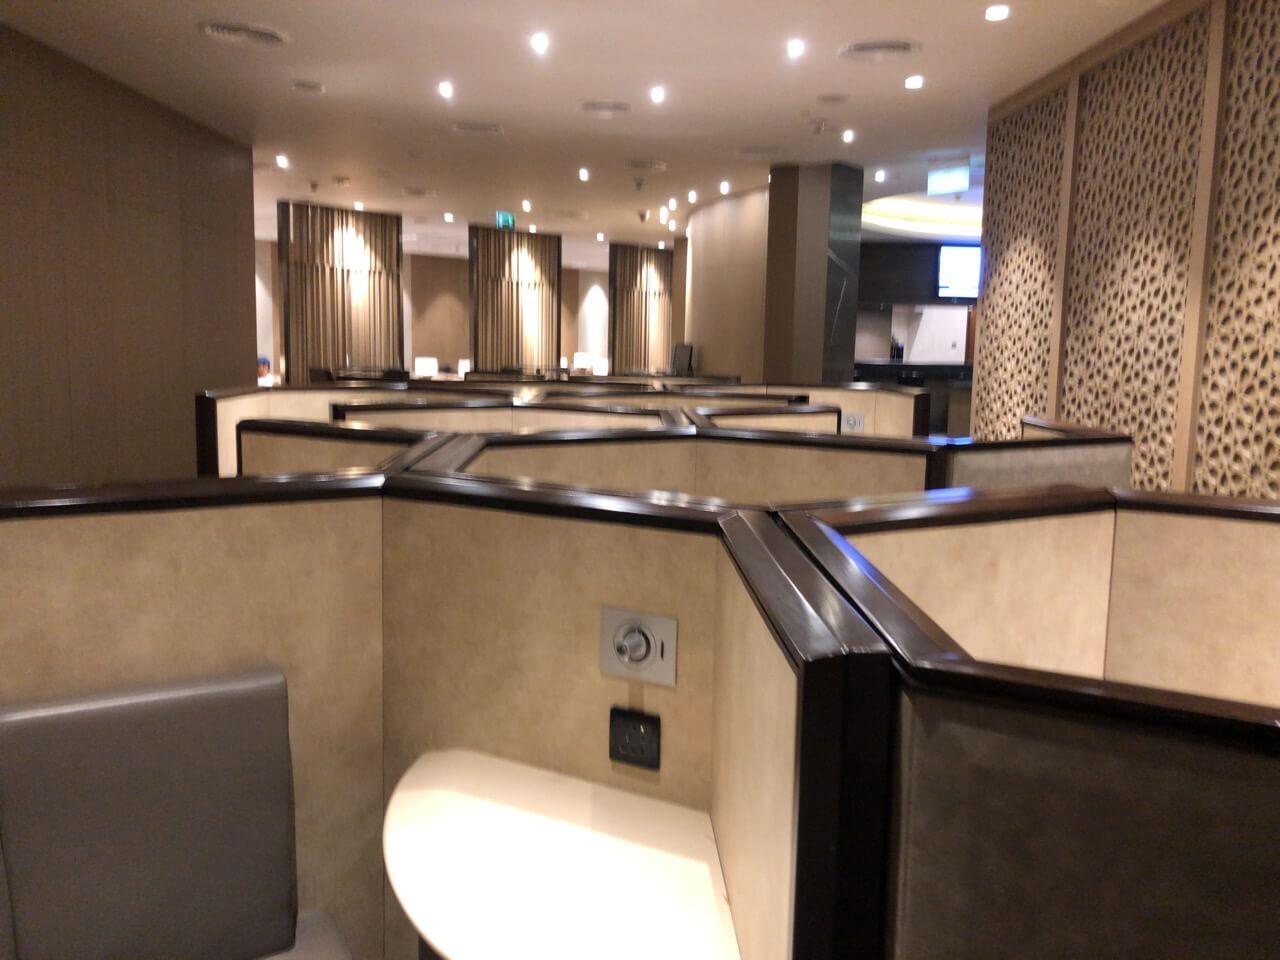 IMG 5005 - 【UAE アブダビ】プライオリティーパスが使えるアブダビ空港のラウンジ